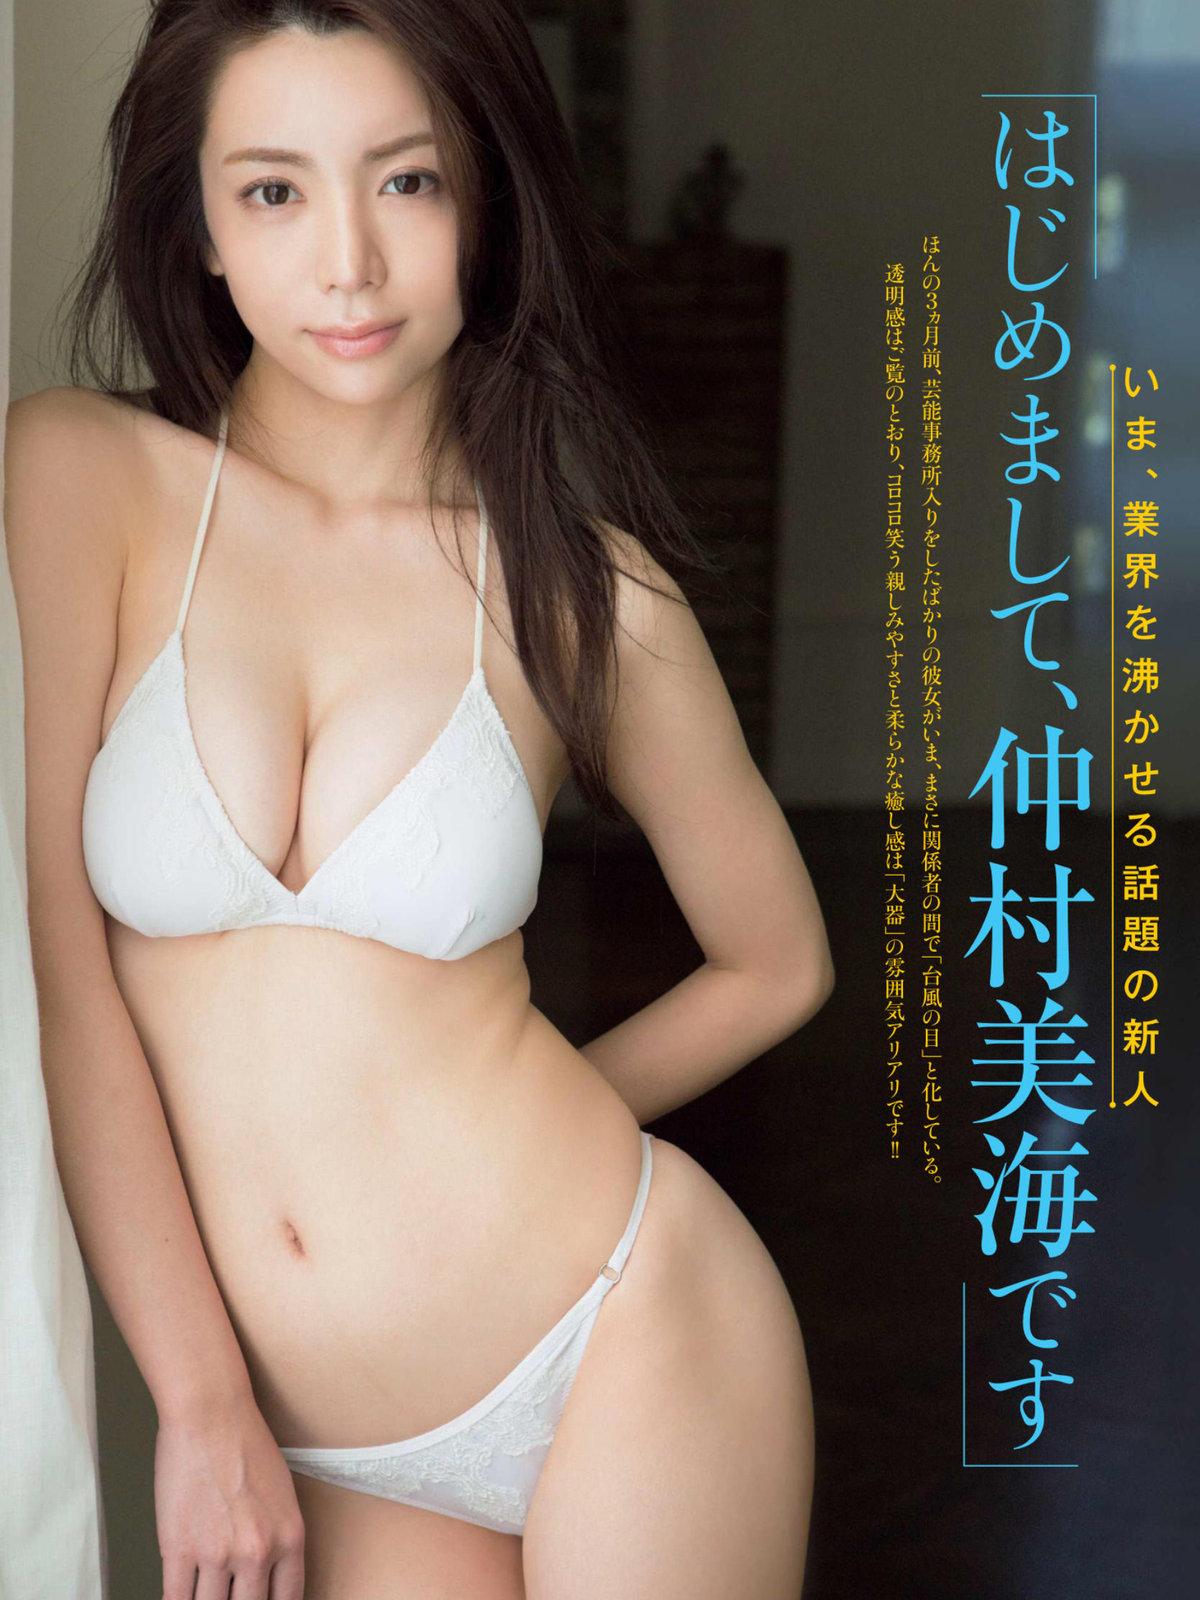 【逸材】仲村美海(25)の新人初グラビアエロ画像96枚・2枚目の画像